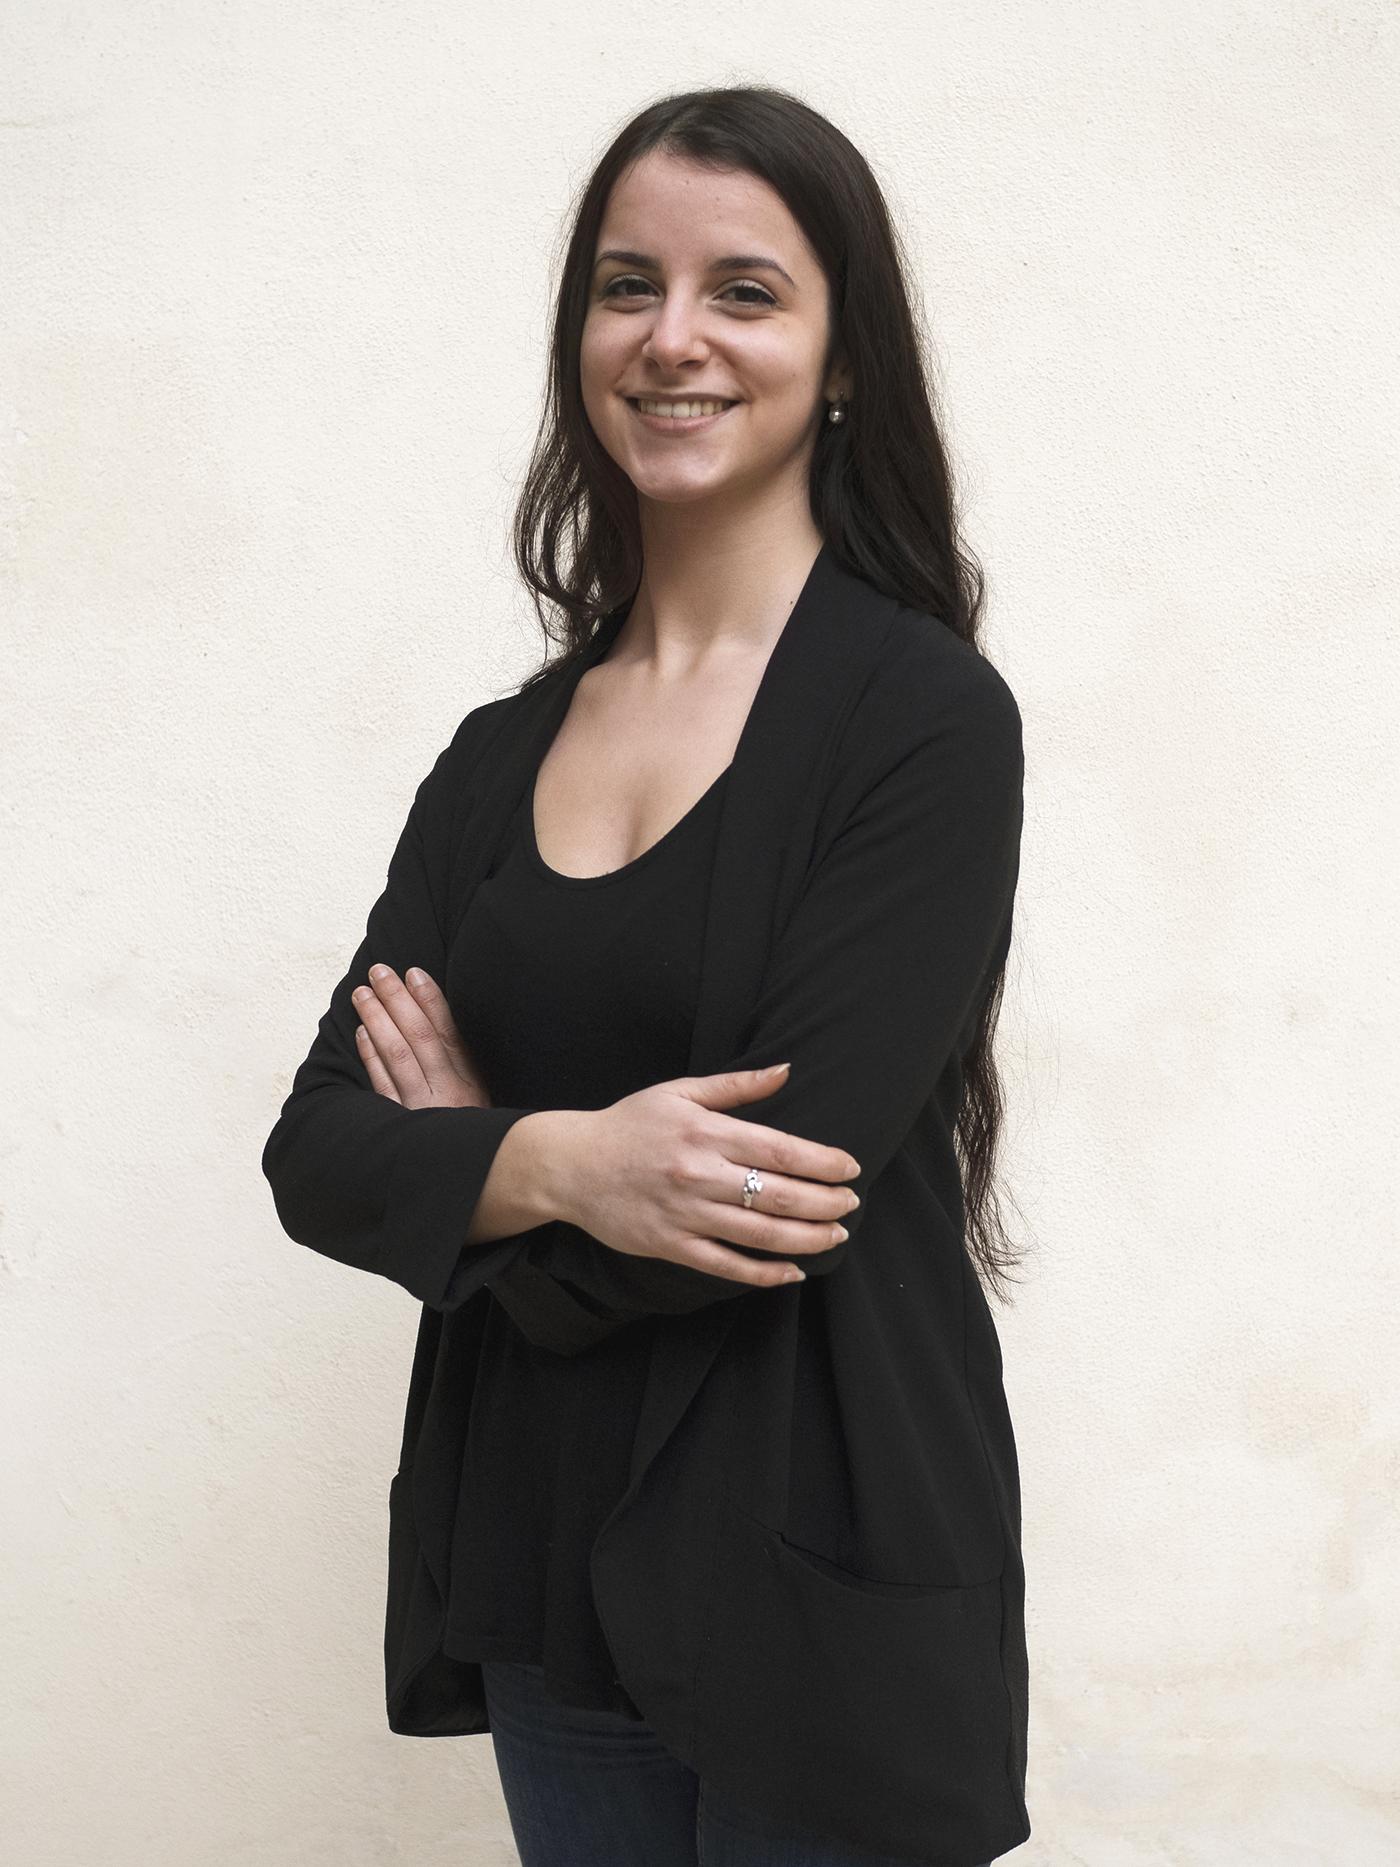 Elisa Brett